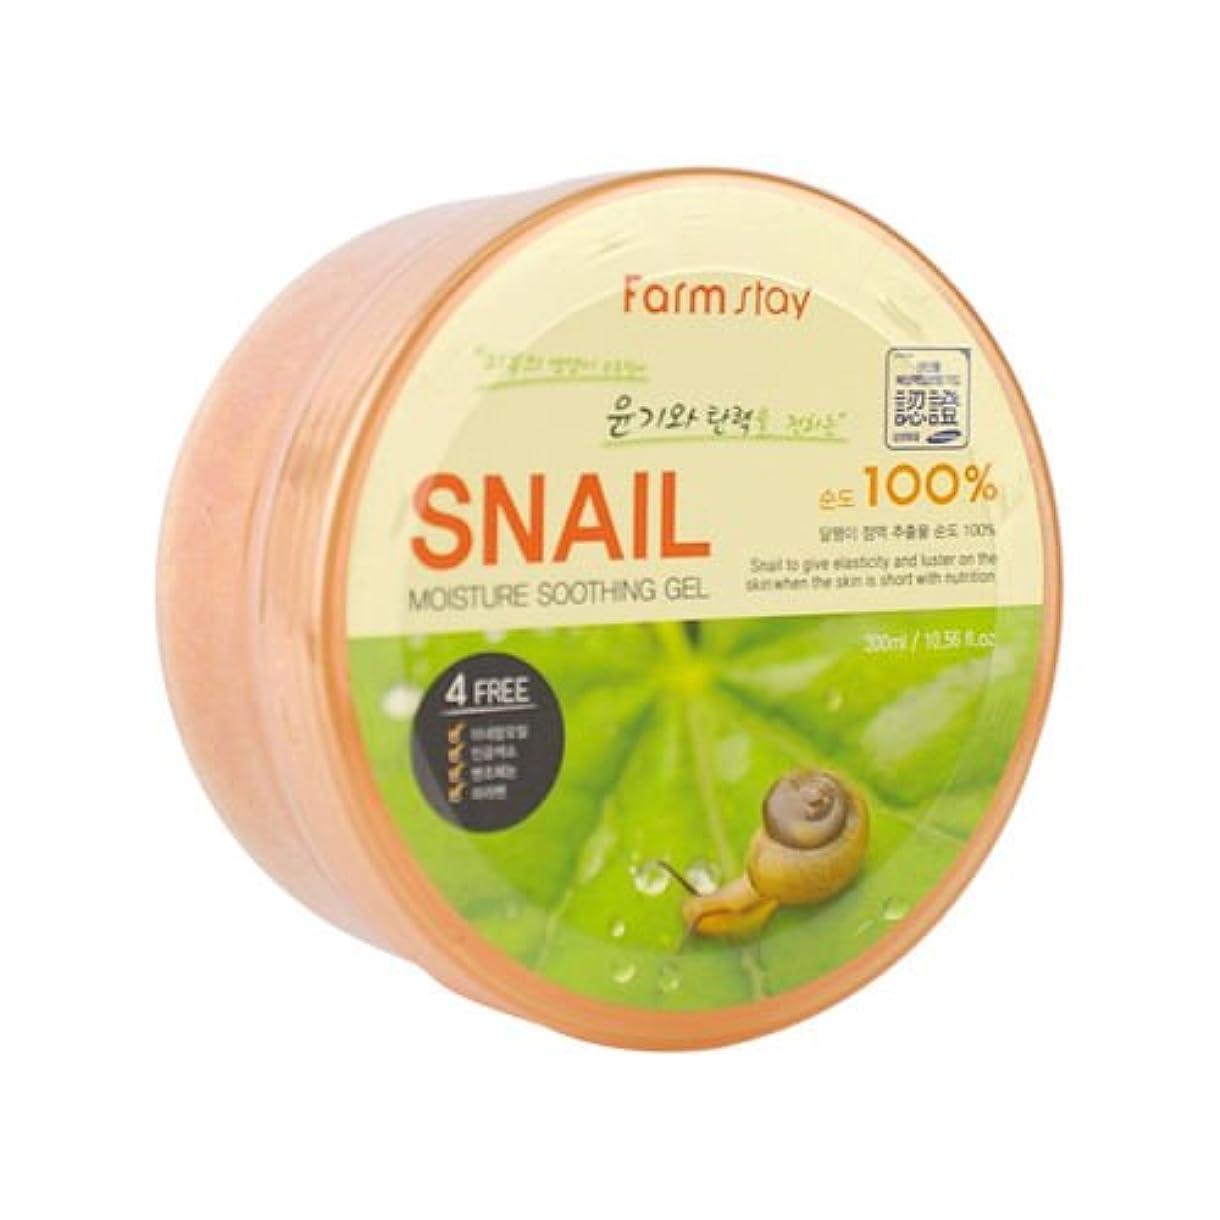 ジョットディボンドン不当どんよりしたFarm Stay Snail Moisture Soothing Gel 300ml /Snail extract 100%/Skin Glowing & Elasticity Up [並行輸入品]